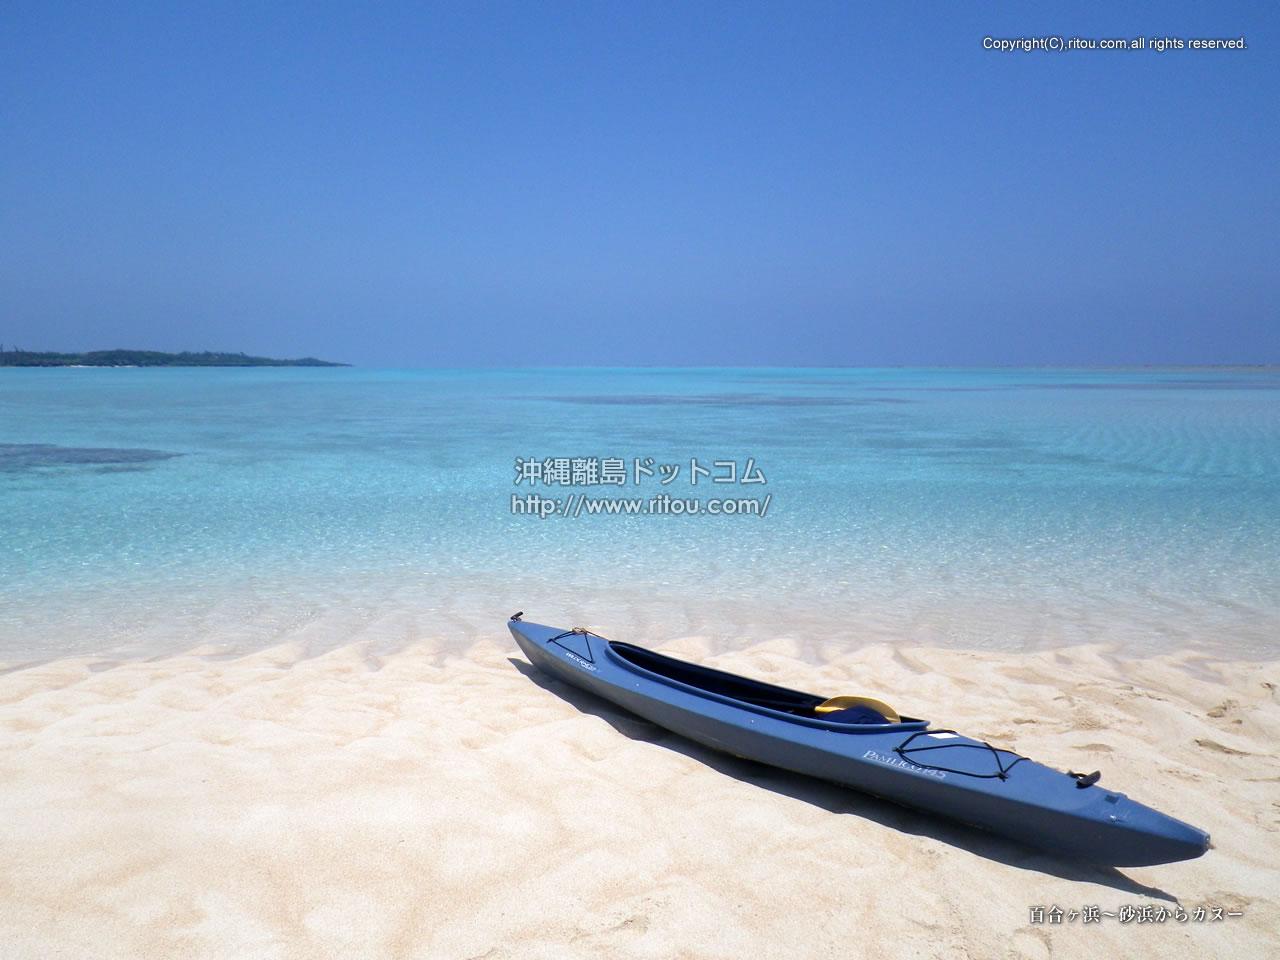 百合ヶ浜〜砂浜からカヌー